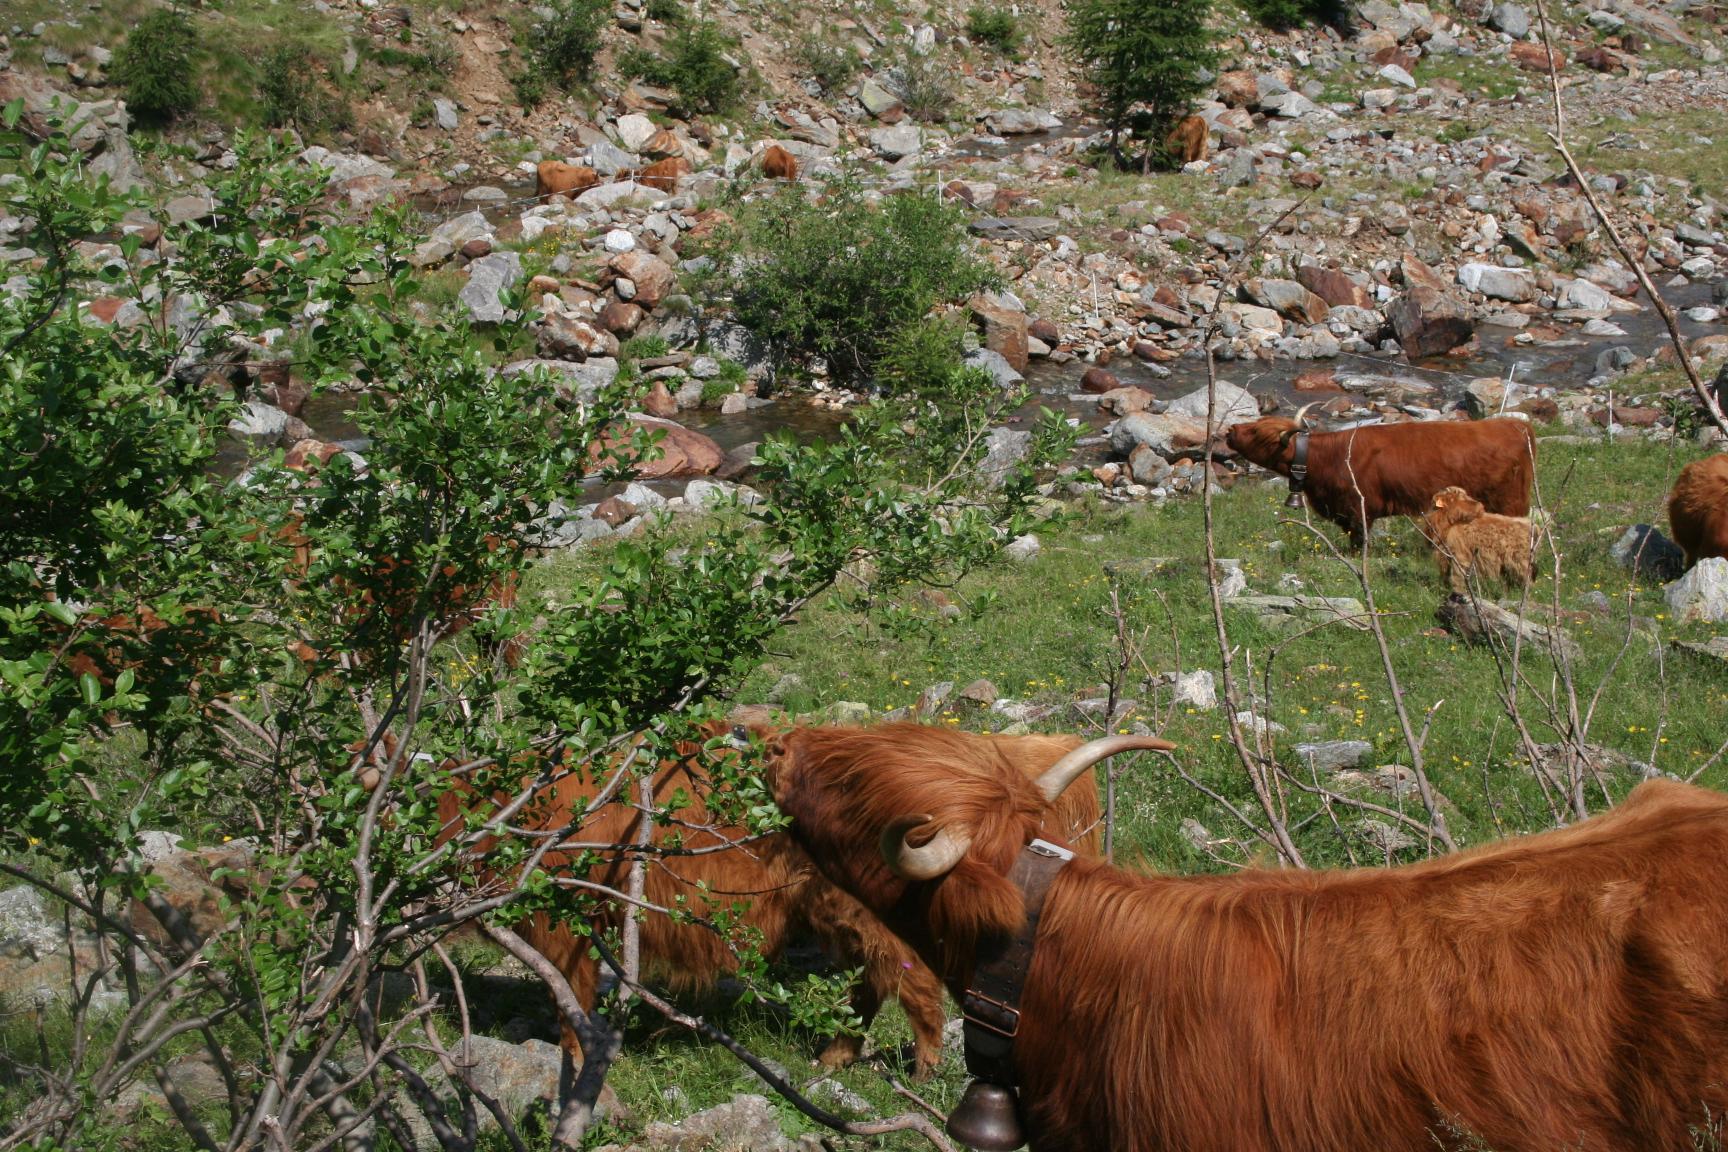 Allevamenti di montagna e tutela del territorio: la ricerca IGRAL